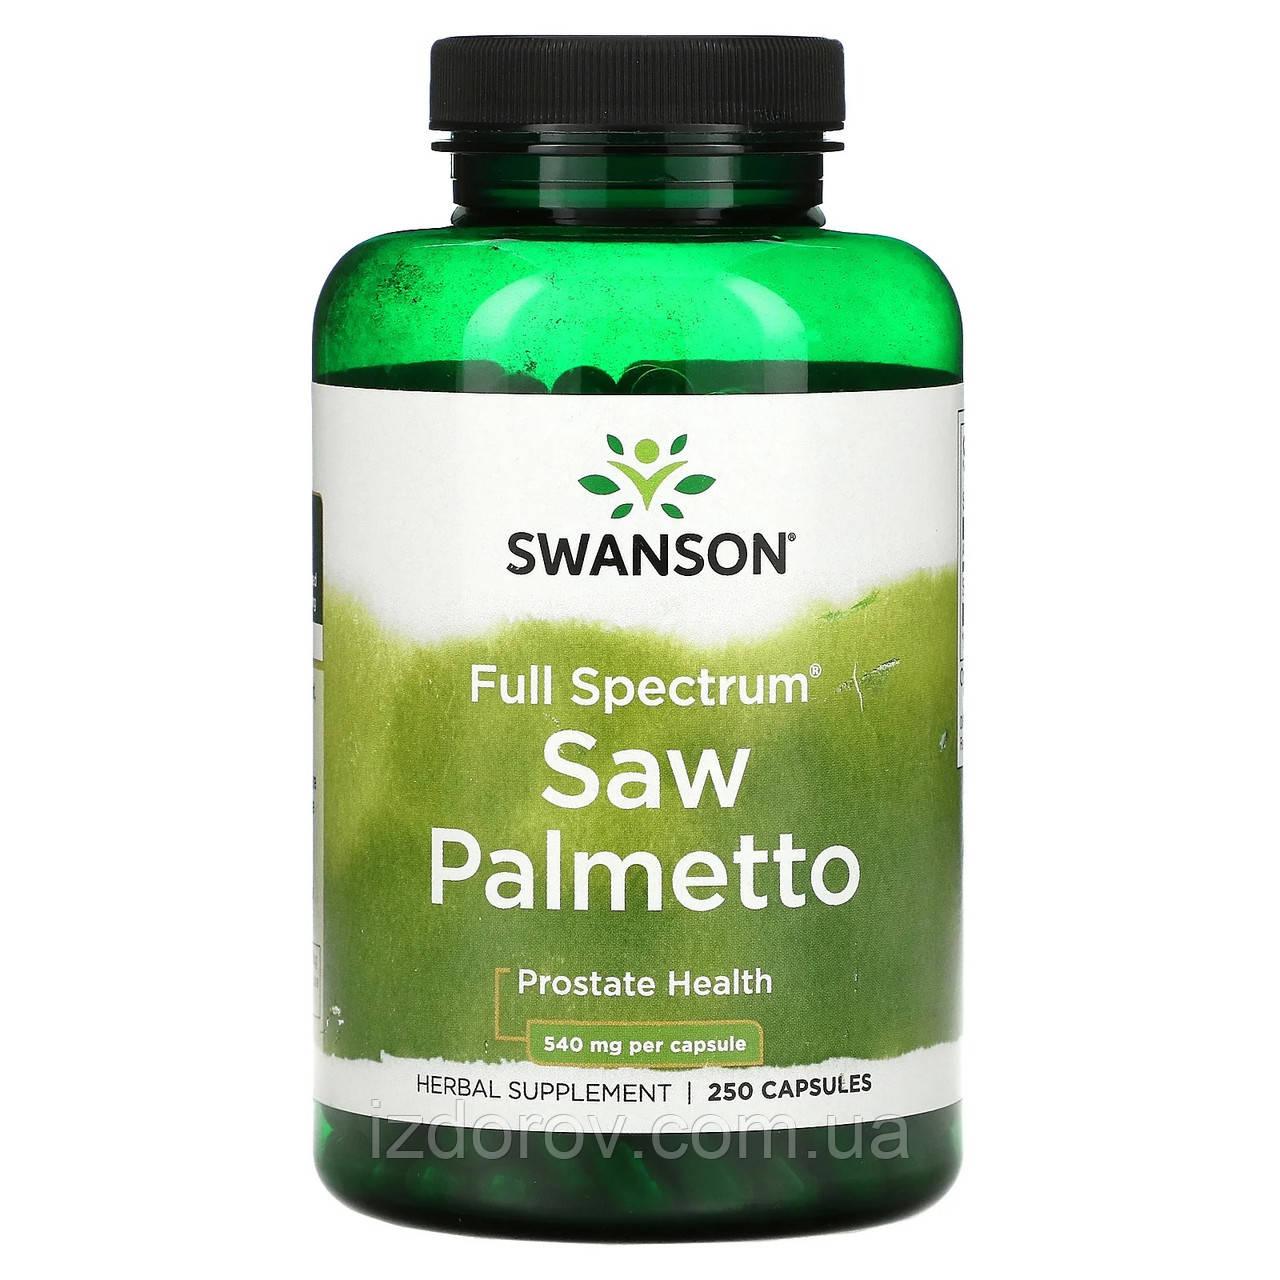 Swanson, Со пальметто, 540 мг, Saw Palmetto, для мужского здоровья, 250 капсул